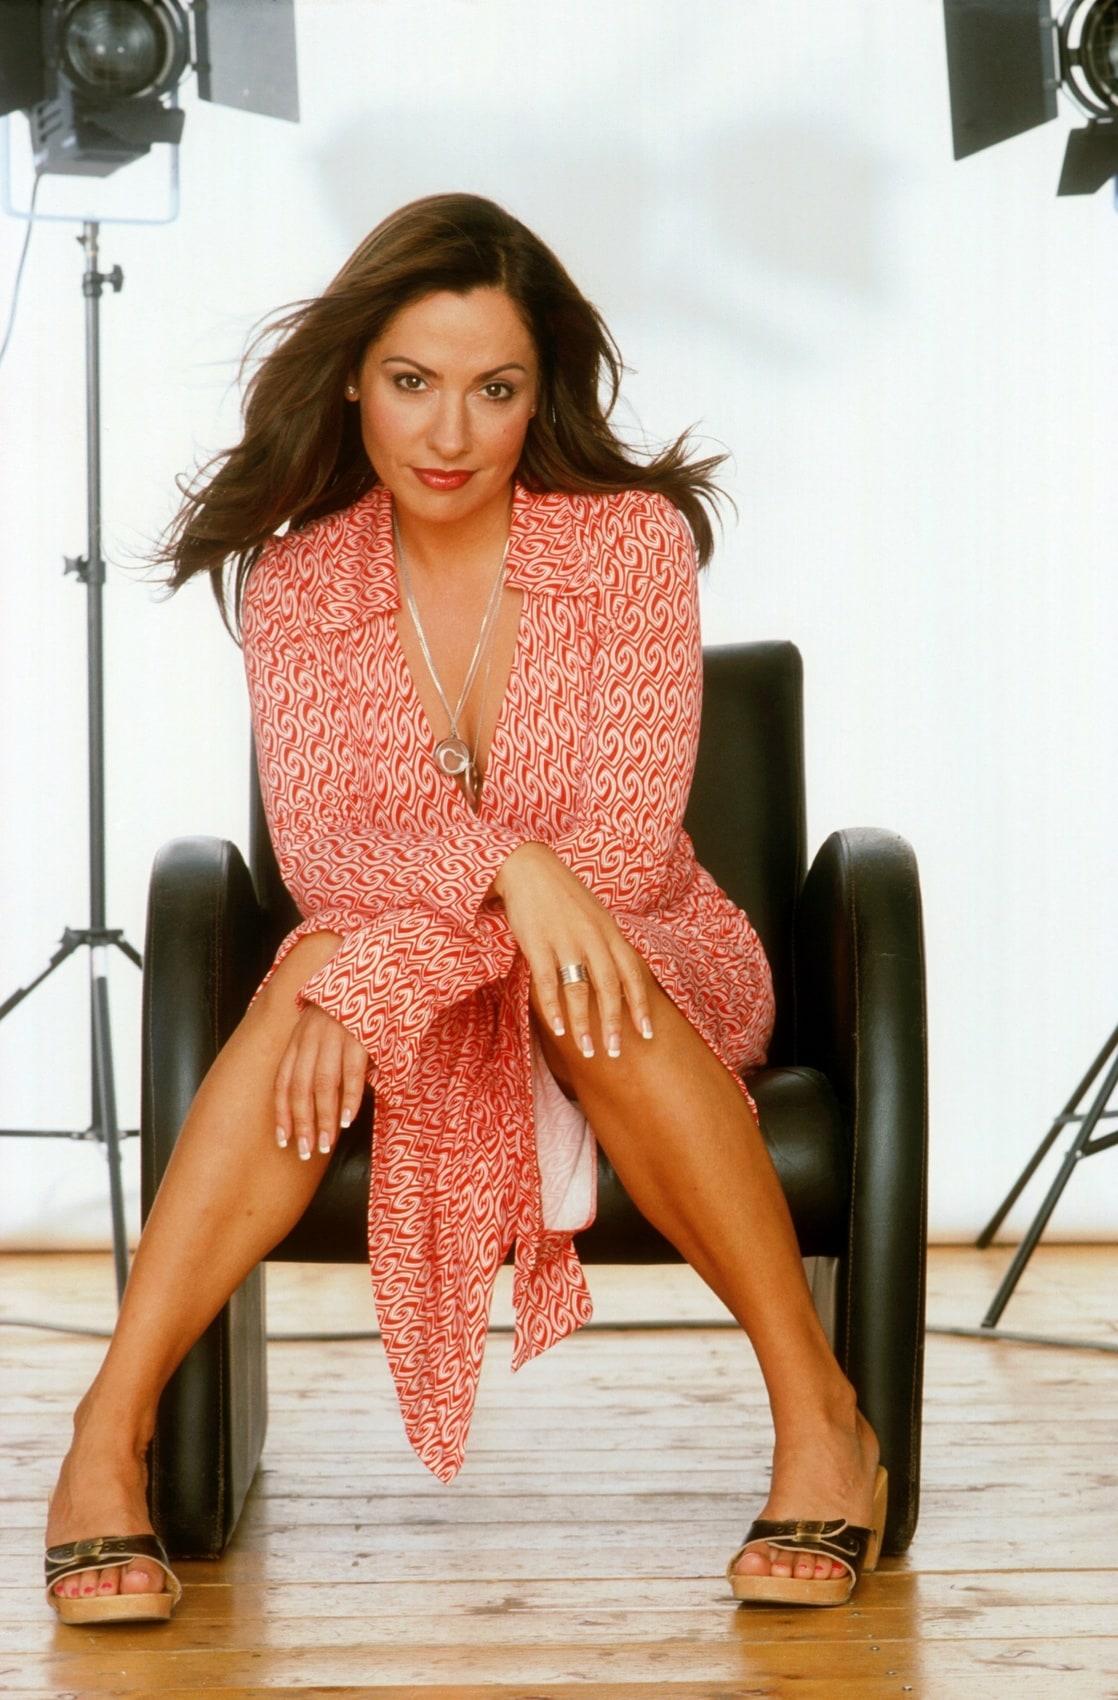 Picture of Simone Thomalla